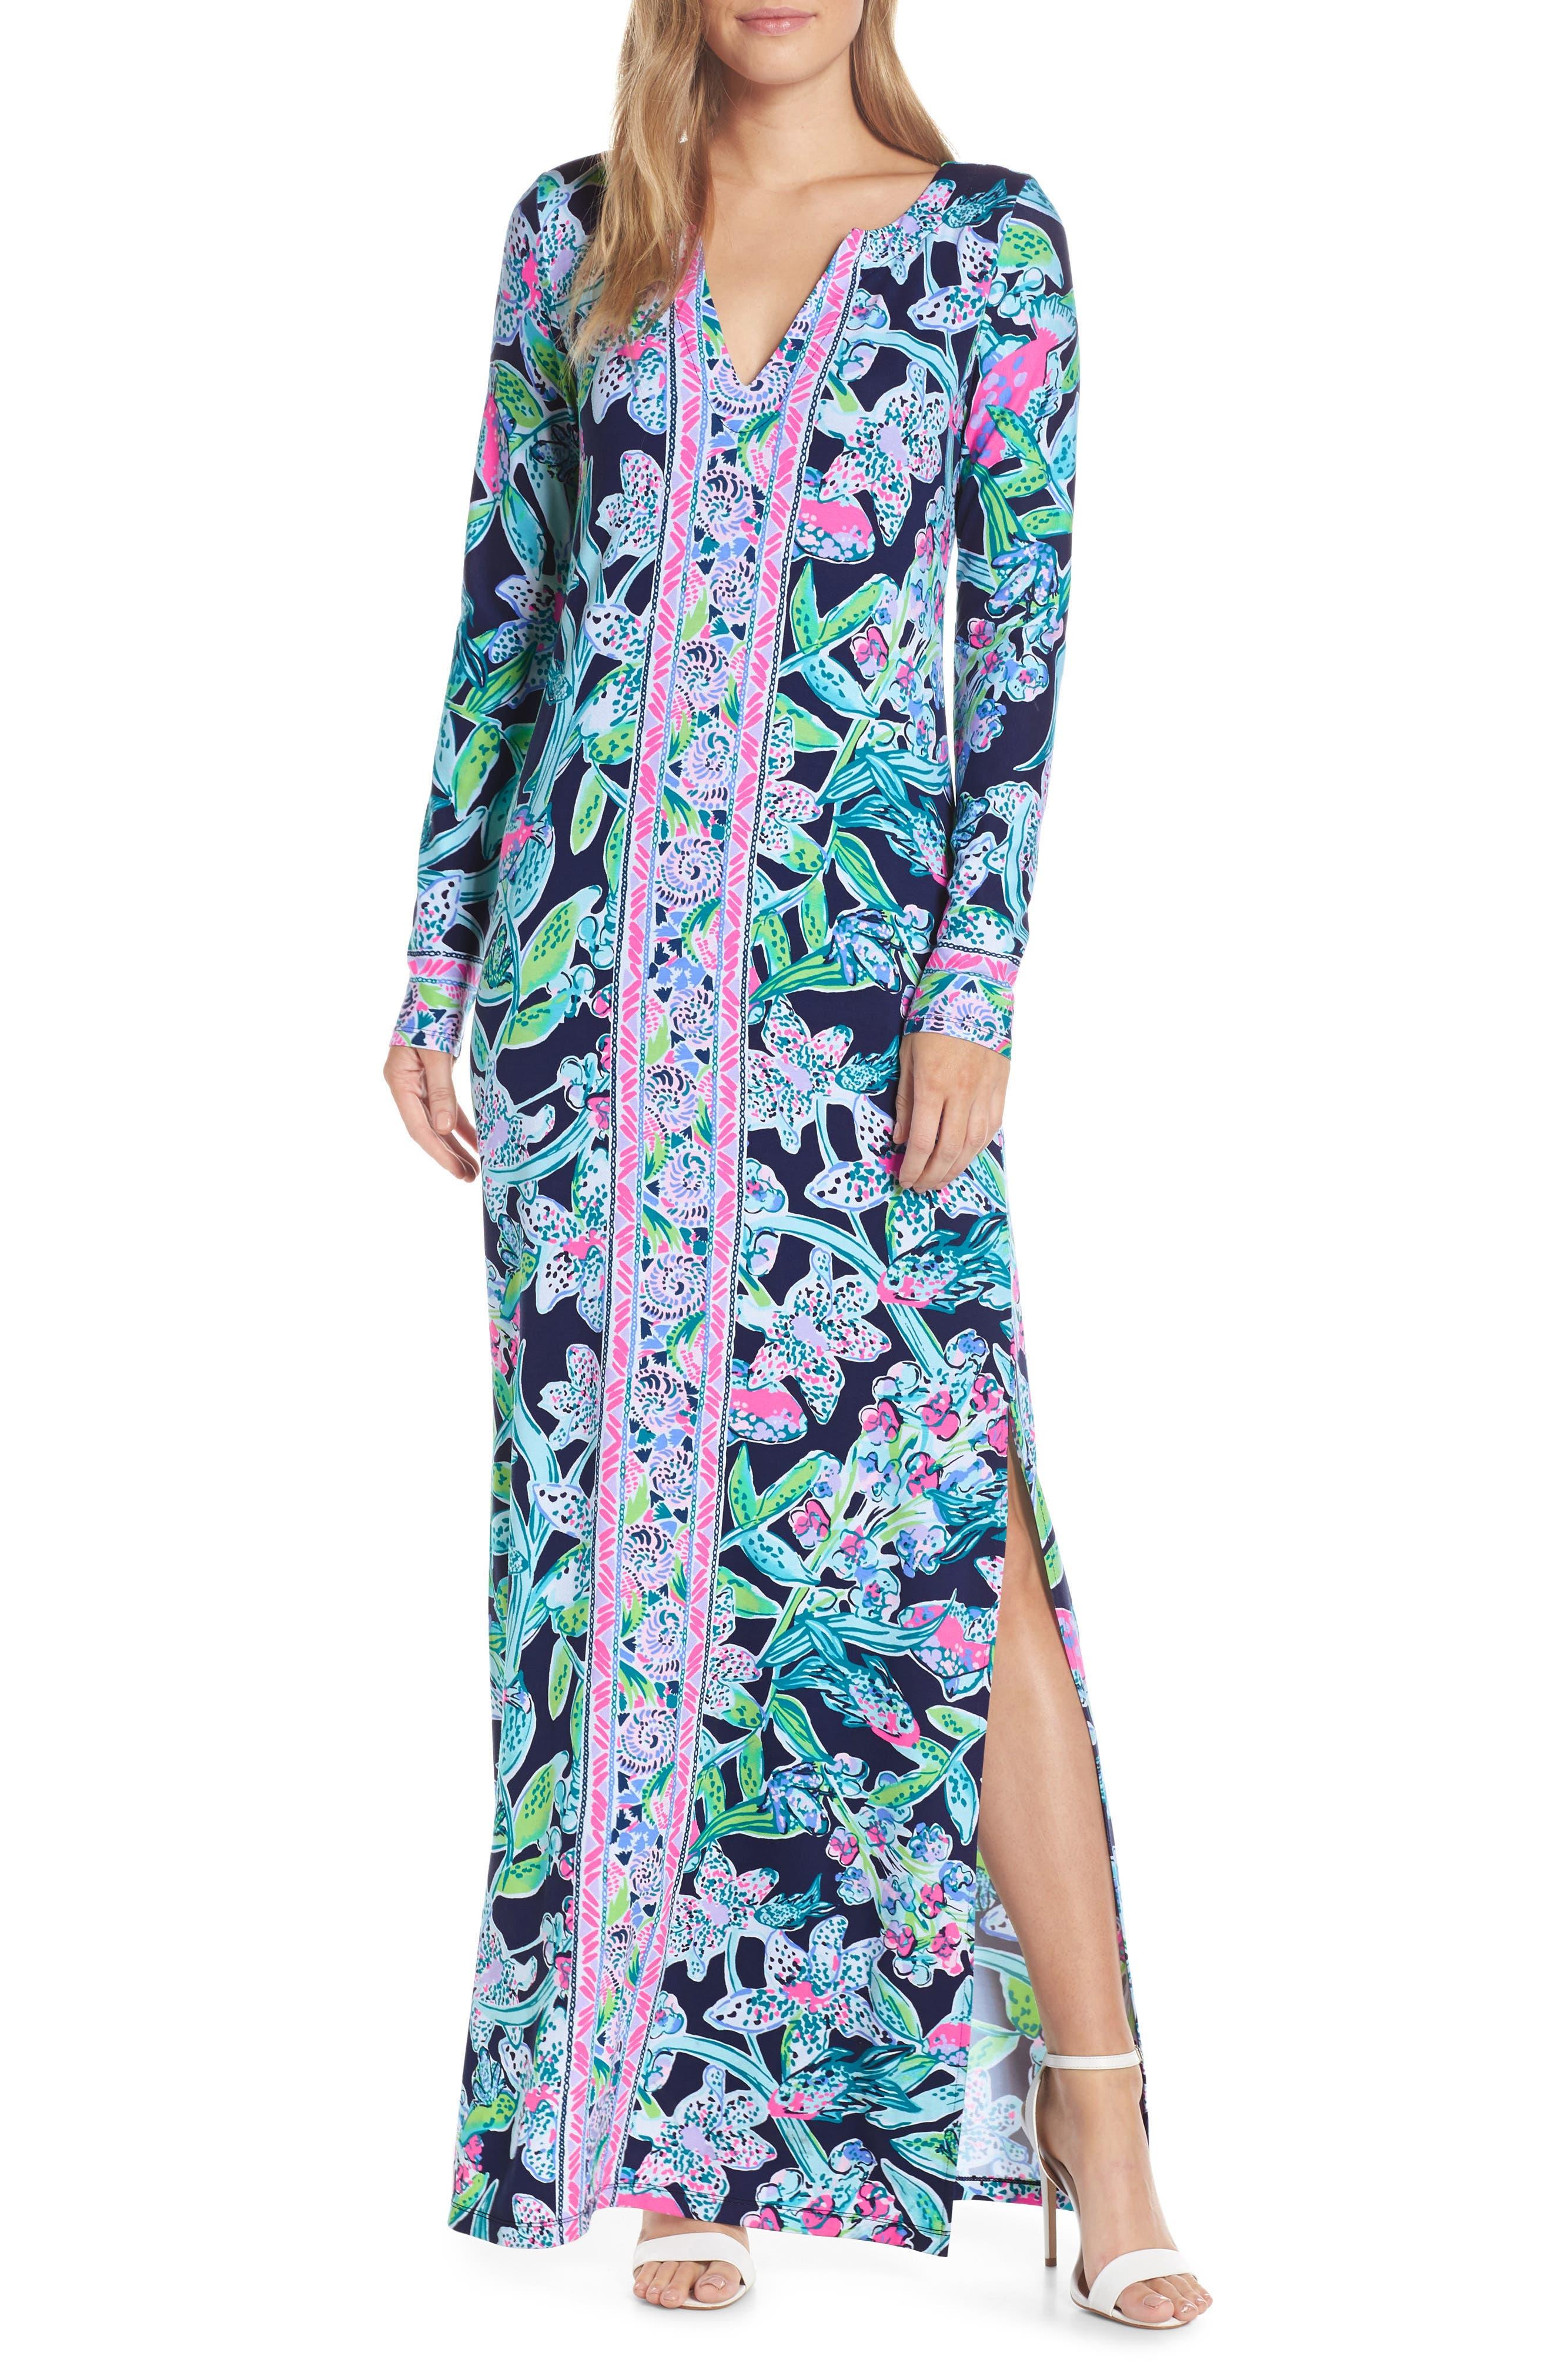 Lilly Pulitzer Faye Upf 50+ Maxi Dress